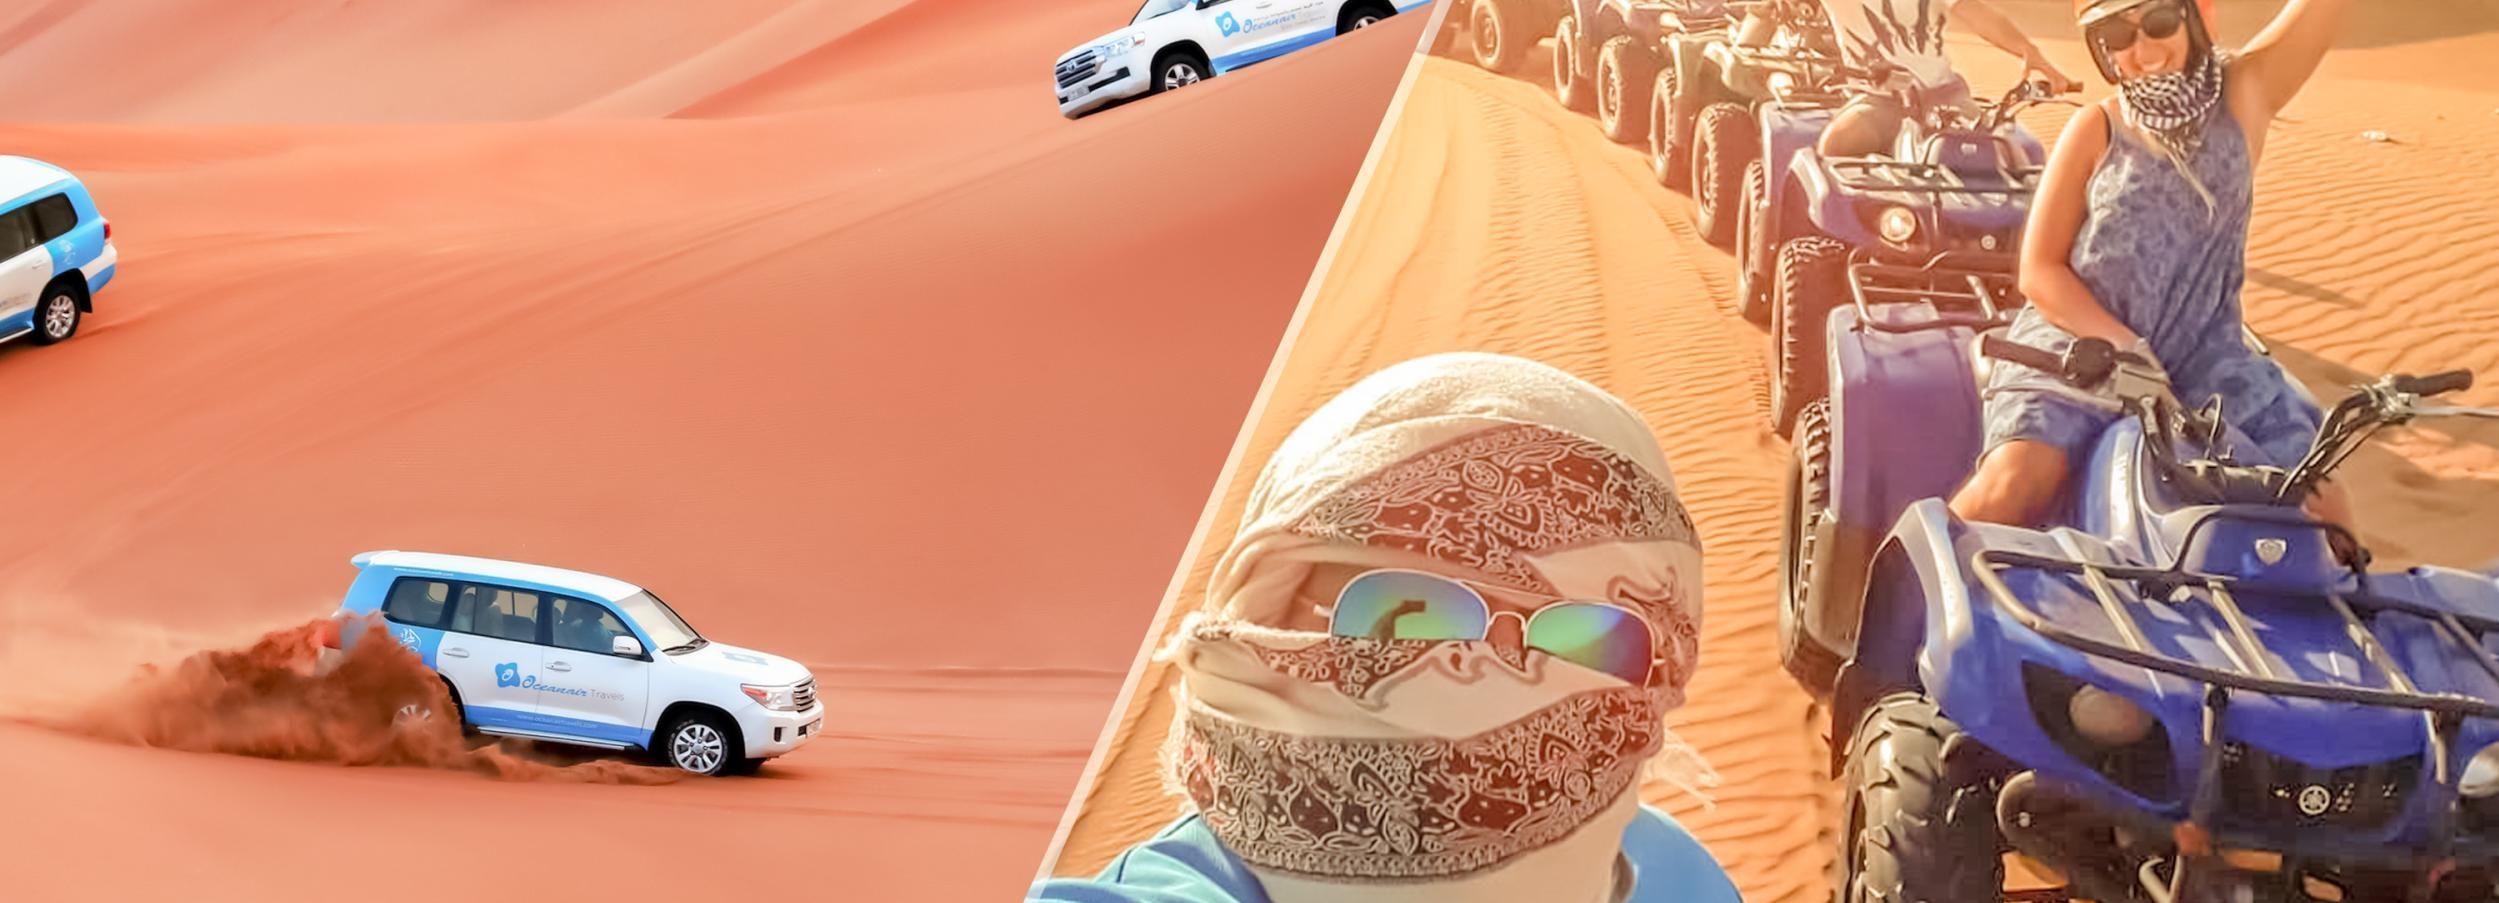 Excursão no Deserto c/ Quad, Camelo e Acampamento Al Khayma